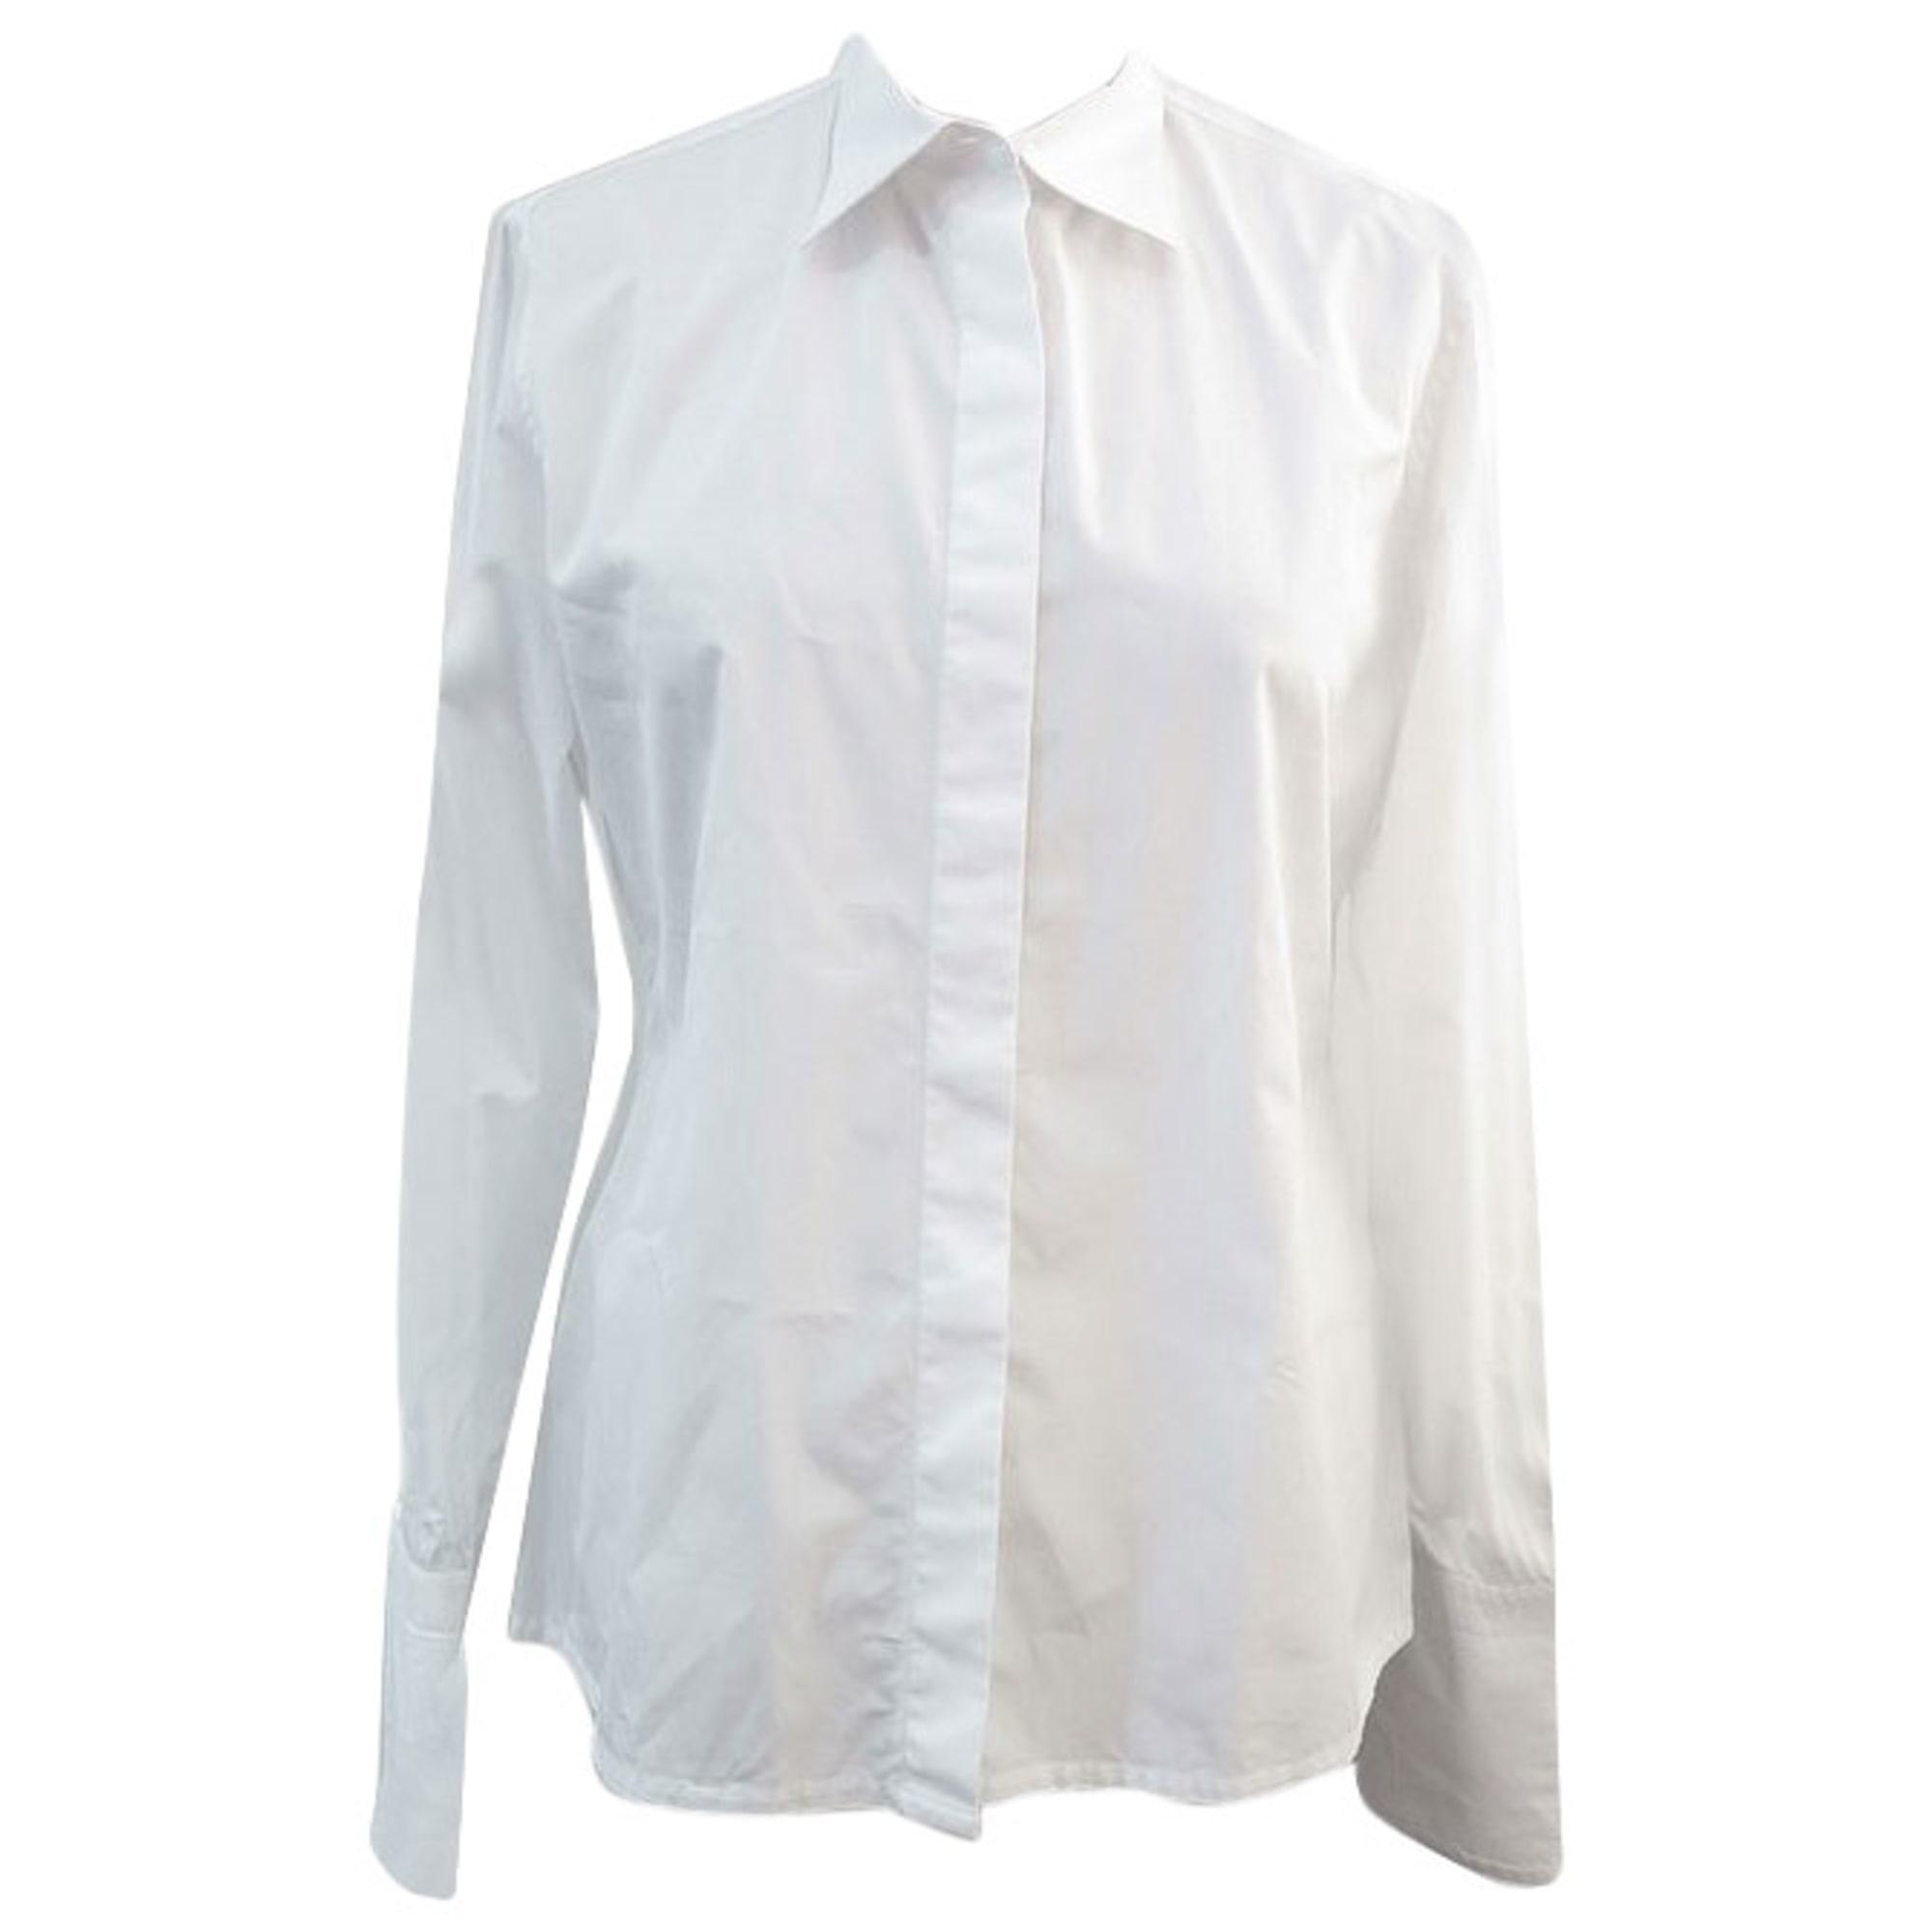 Coton Chemise Coton Charvet Chemise Femme Blanc fb76mIgYyv